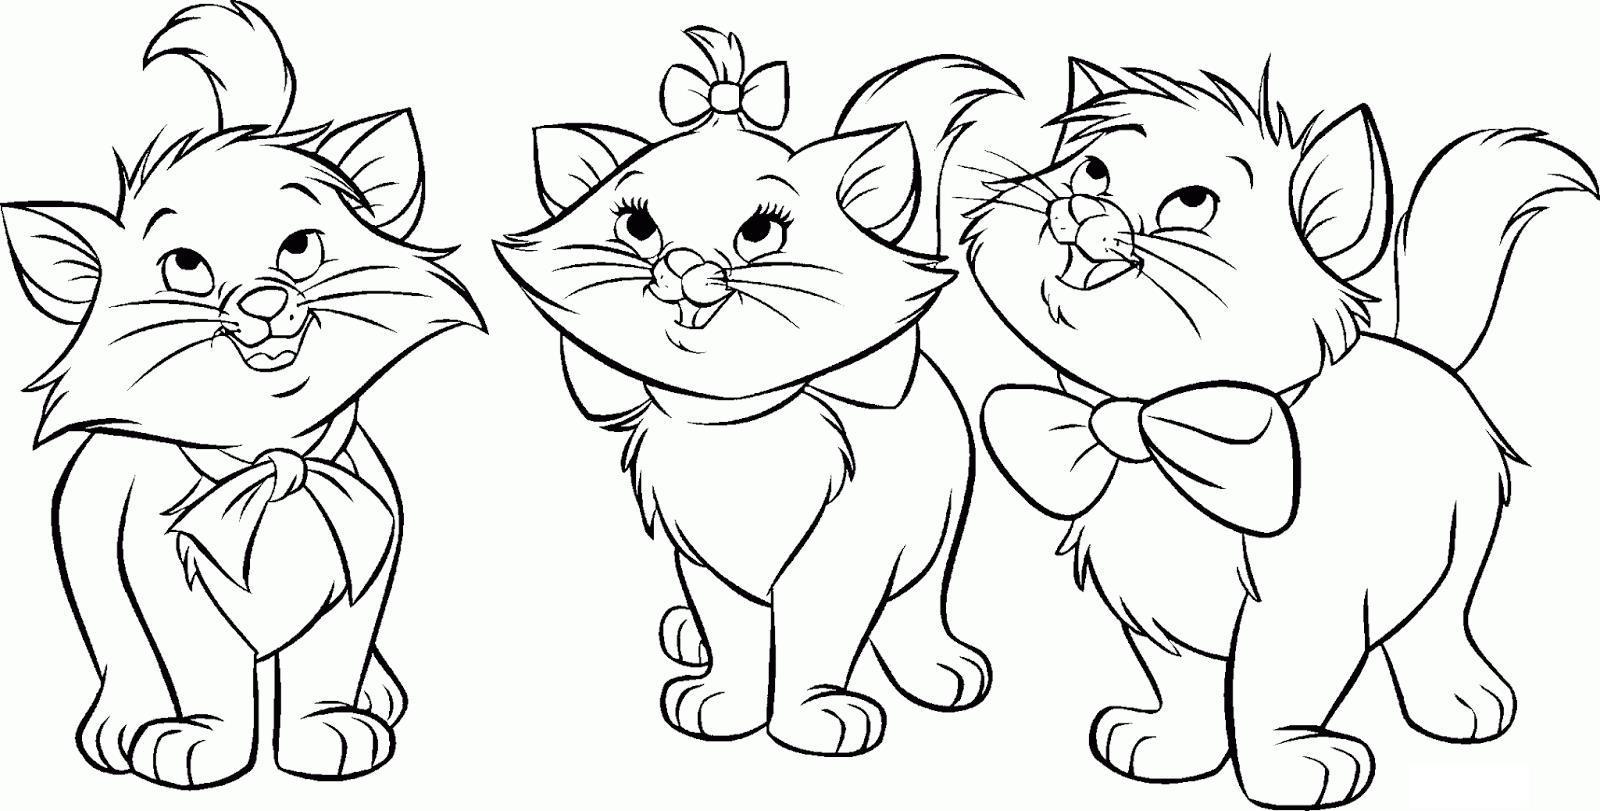 Трое котят Галерея раскрасок с цветами онлайн